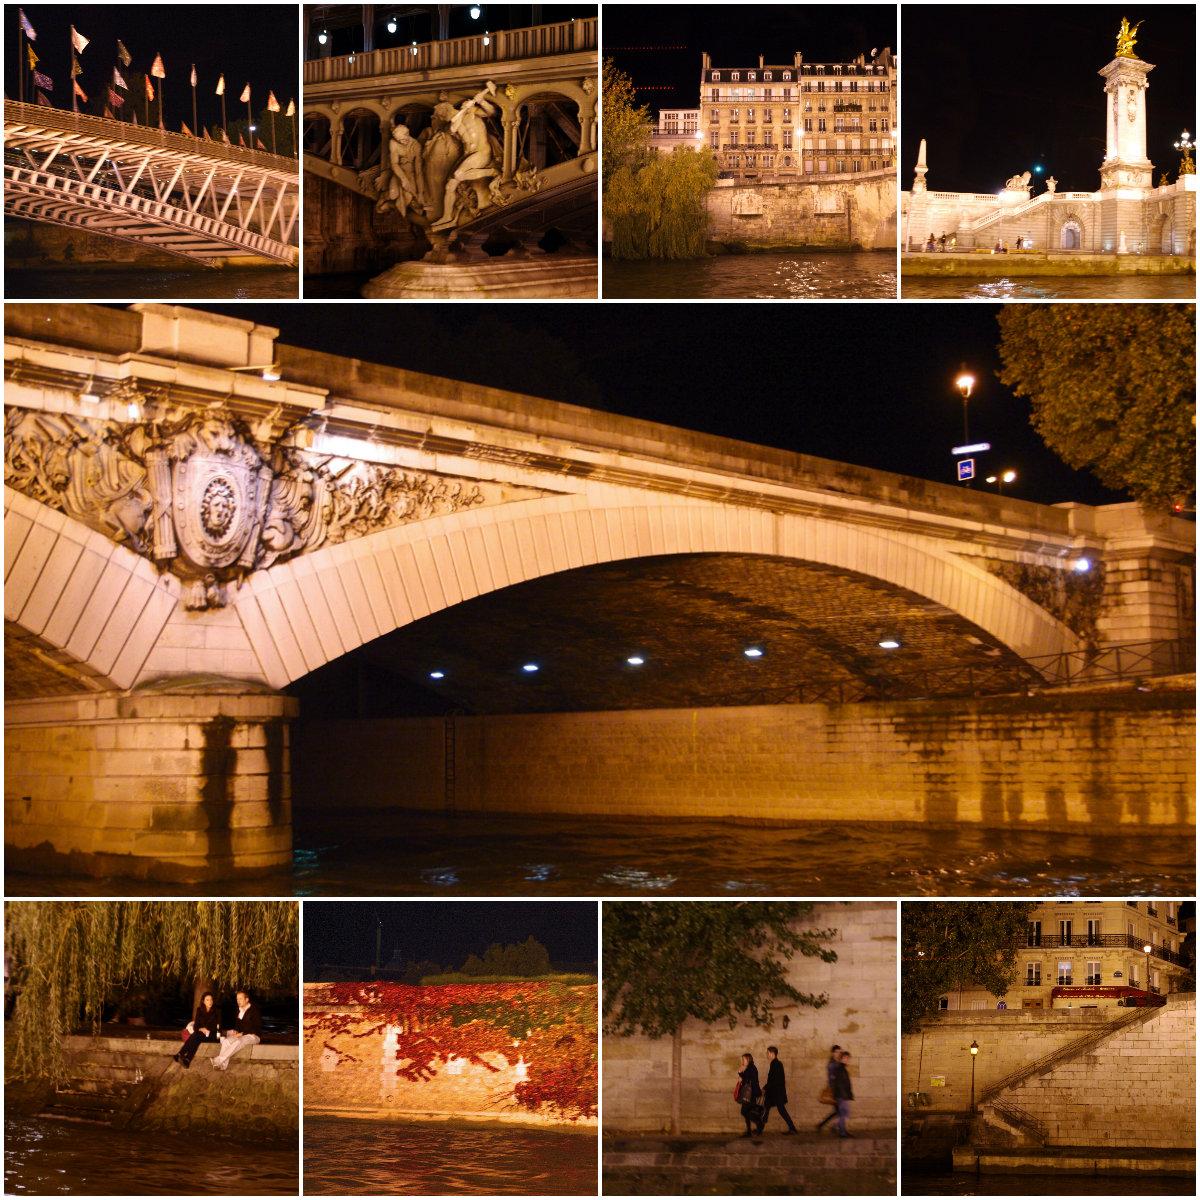 秋のパリ日記2:ロマンチック♪セーヌ川のディナークルーズ_e0114020_0533015.jpg